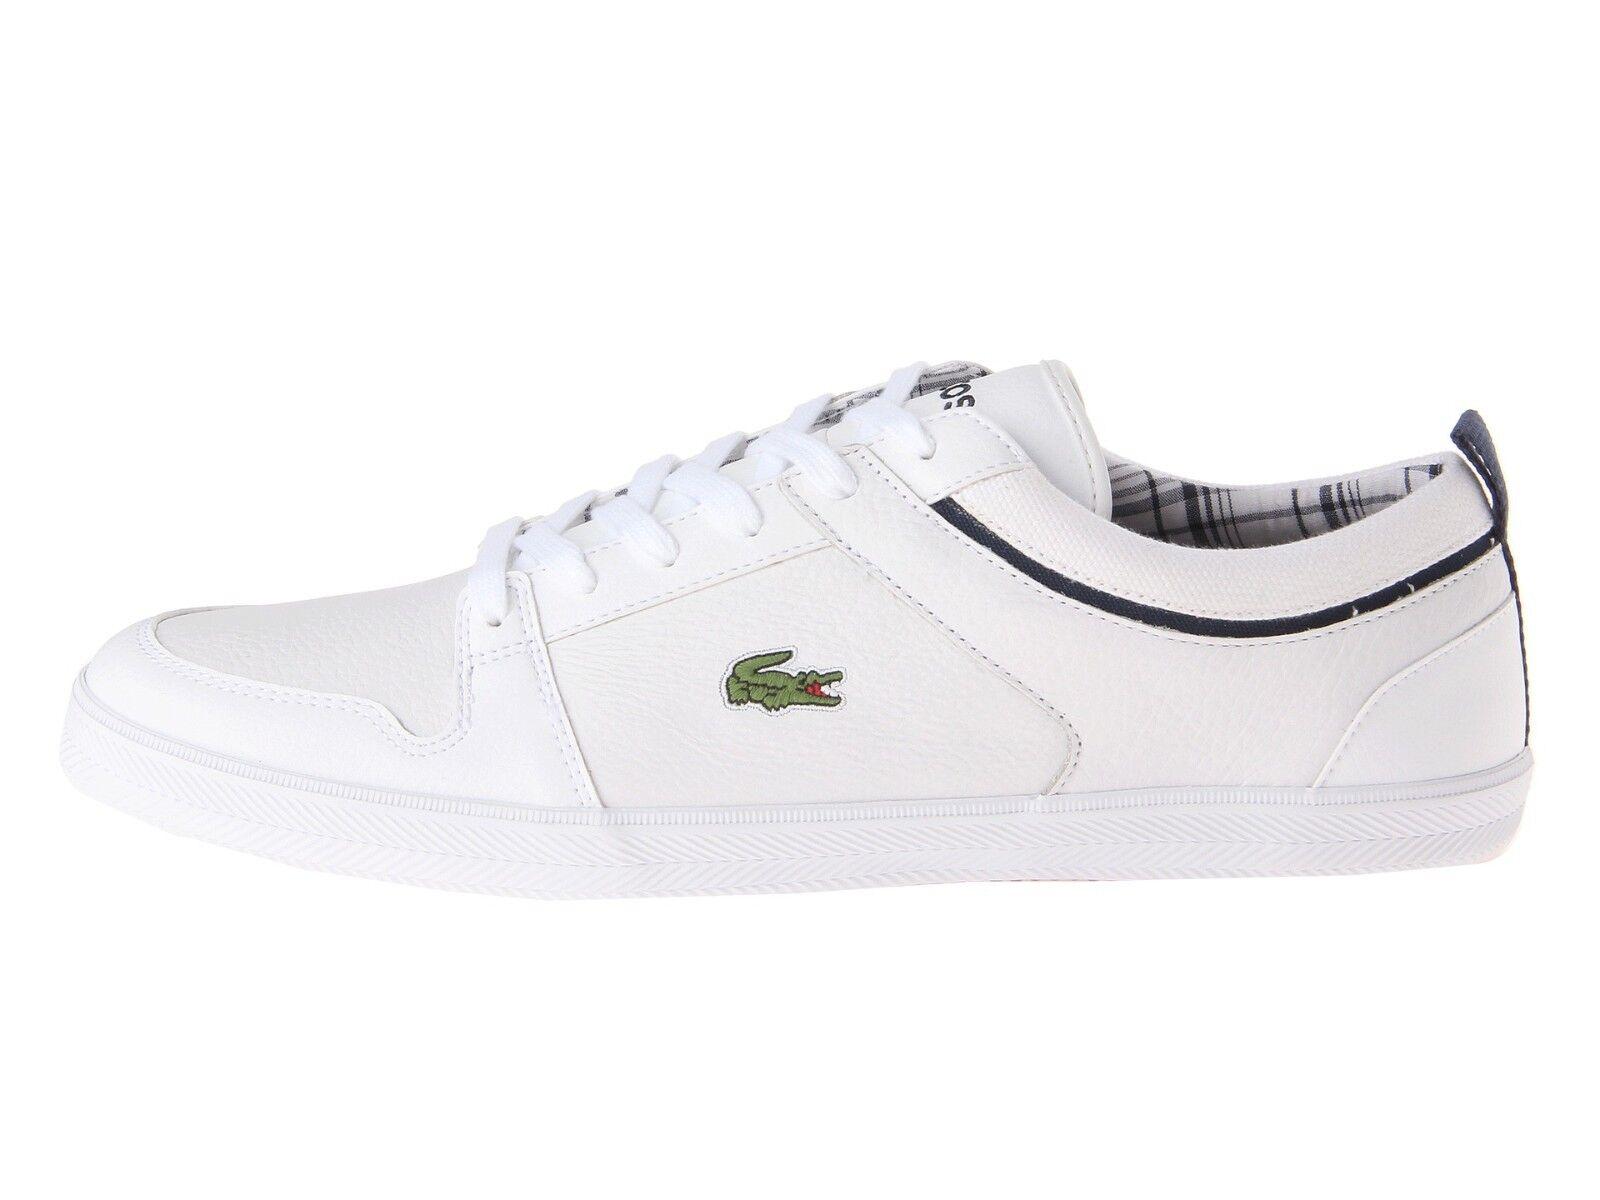 Lacoste Ojetti BHH Sport Casual  Leather scarpe da ginnastica scarpe US10 - US11 Bianco  promozioni di sconto